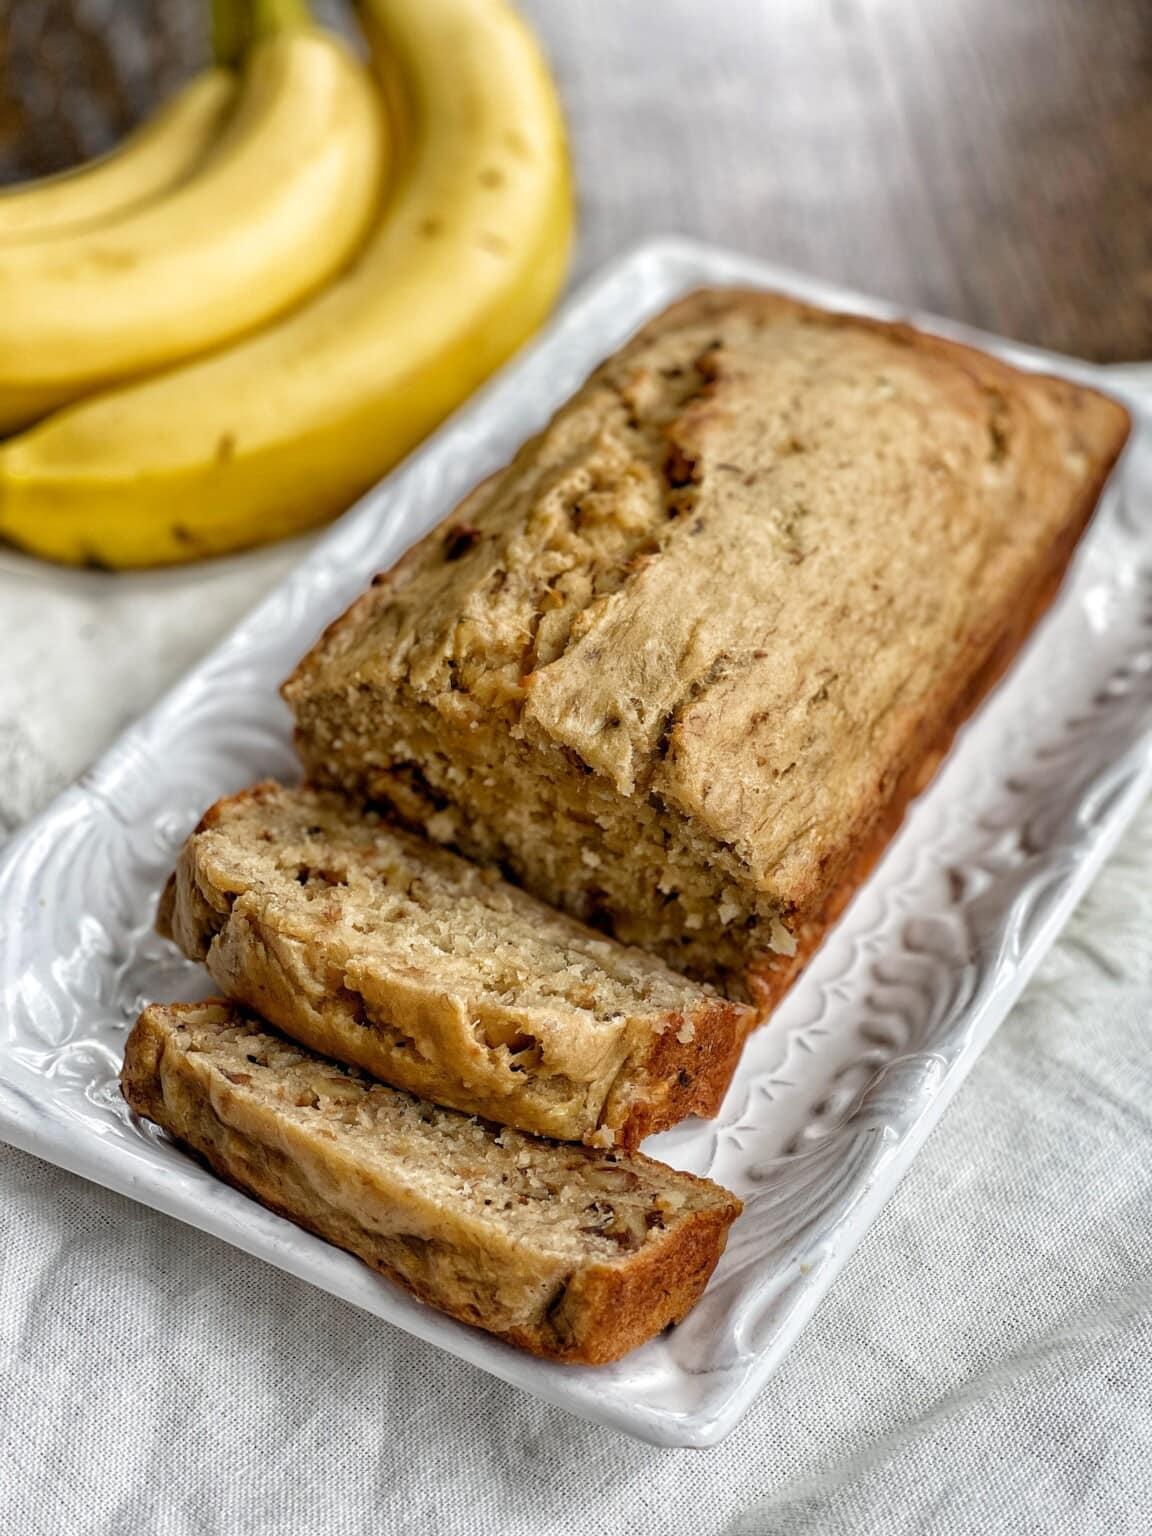 Skinny Banana Bread with Walnuts